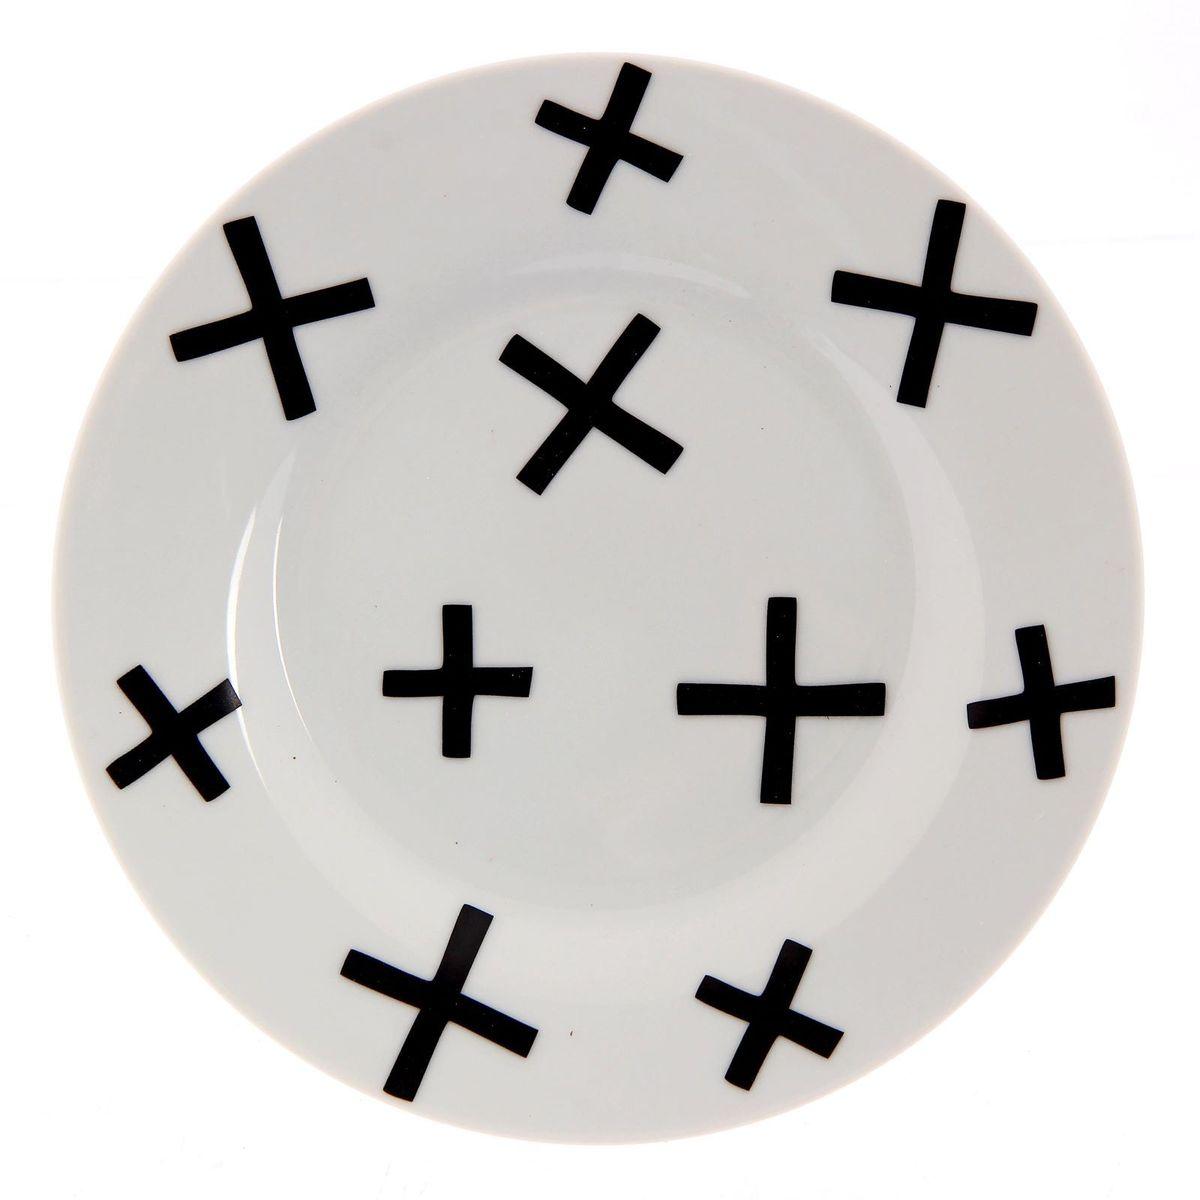 Тарелка мелкая Сотвори чудо My Little Cross, диаметр 15,5 см54 009312Хотите обновить интерьер кухни или гостиной? Устраиваете необычную фотосессию или тематический праздник? А может, просто ищете подарок для близкого человека? Посуда Сотвори Чудо — правильный выбор в любой ситуации. Тарелка Сотвори Чудо, изготовленная из изящного фаянса нежного сливочного цвета, оформлена оригинальным рисунком со стойкой краской. Пригодна для посудомоечной машины.